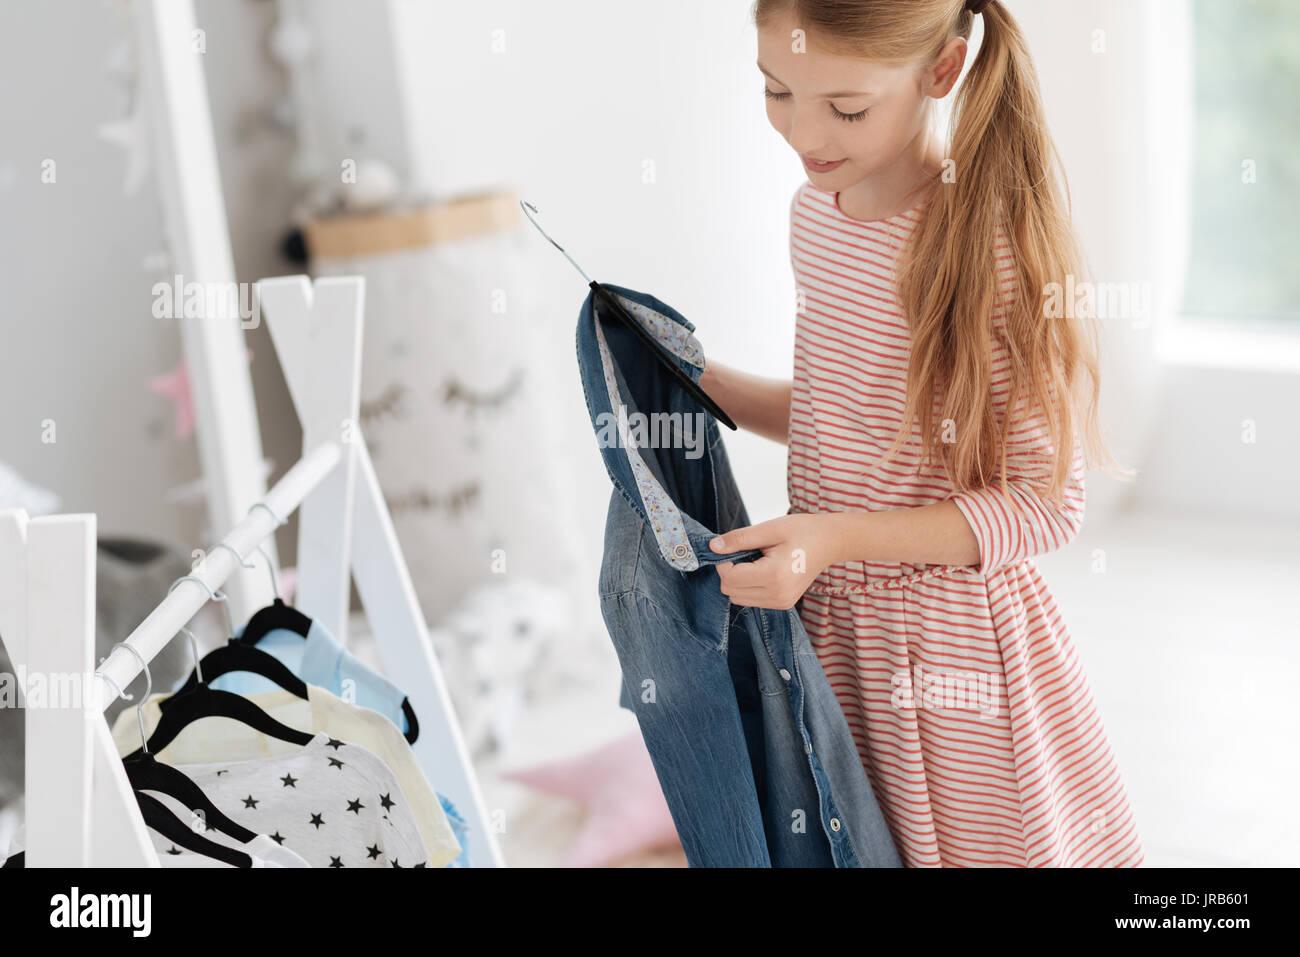 Signora giovane guardando il denim shirt mentre scegliendo outfit Immagini Stock